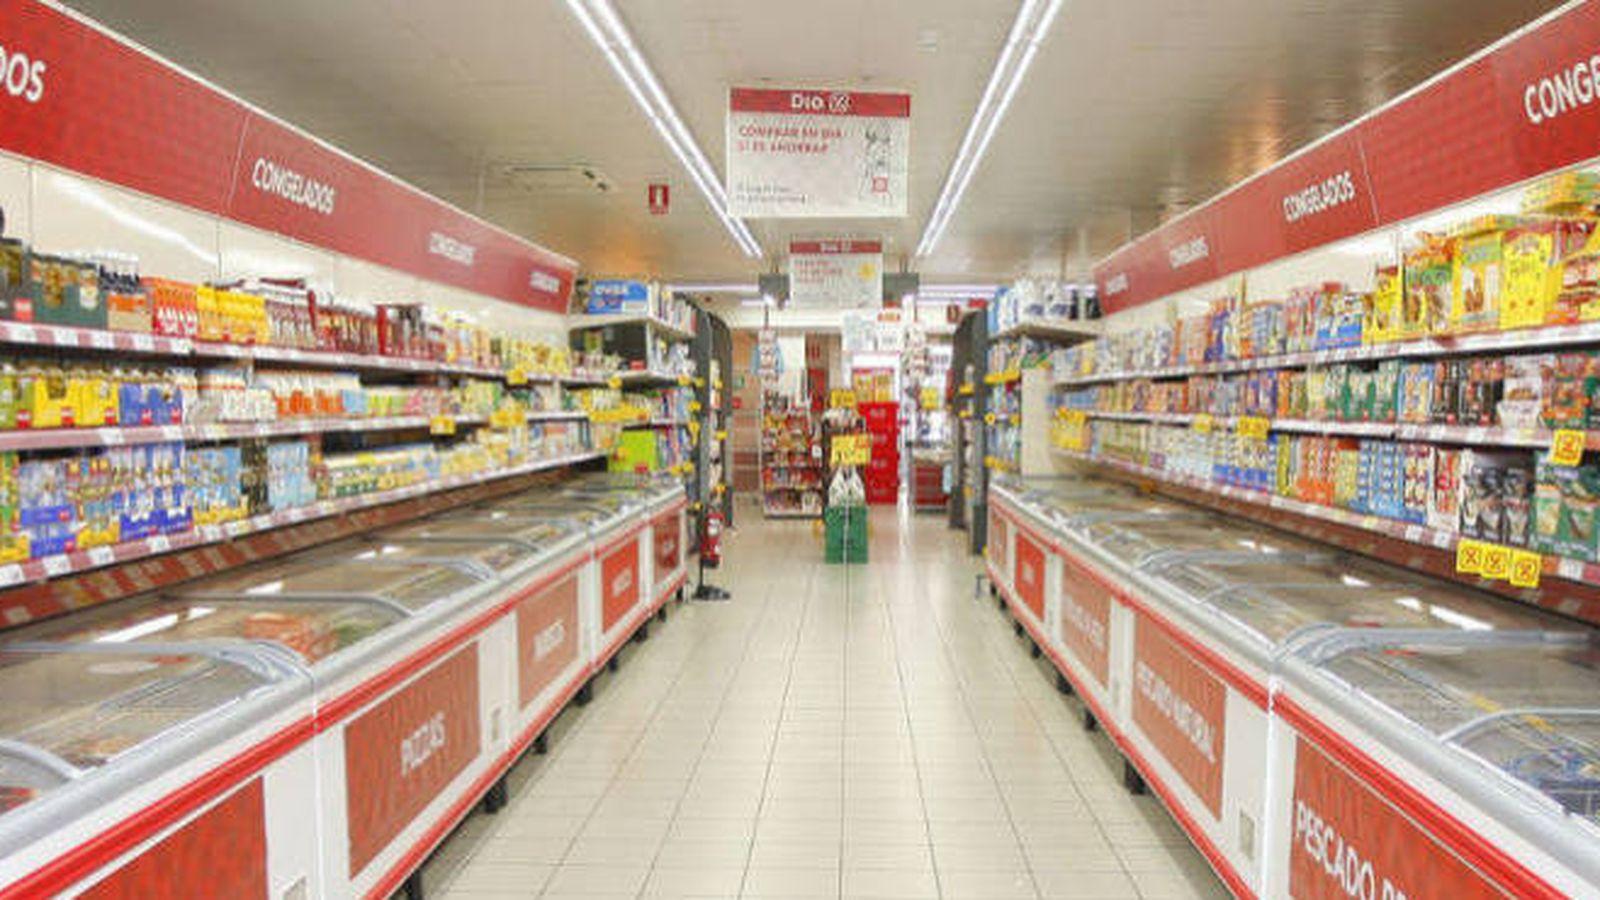 Foto: Supermercado de DIA.